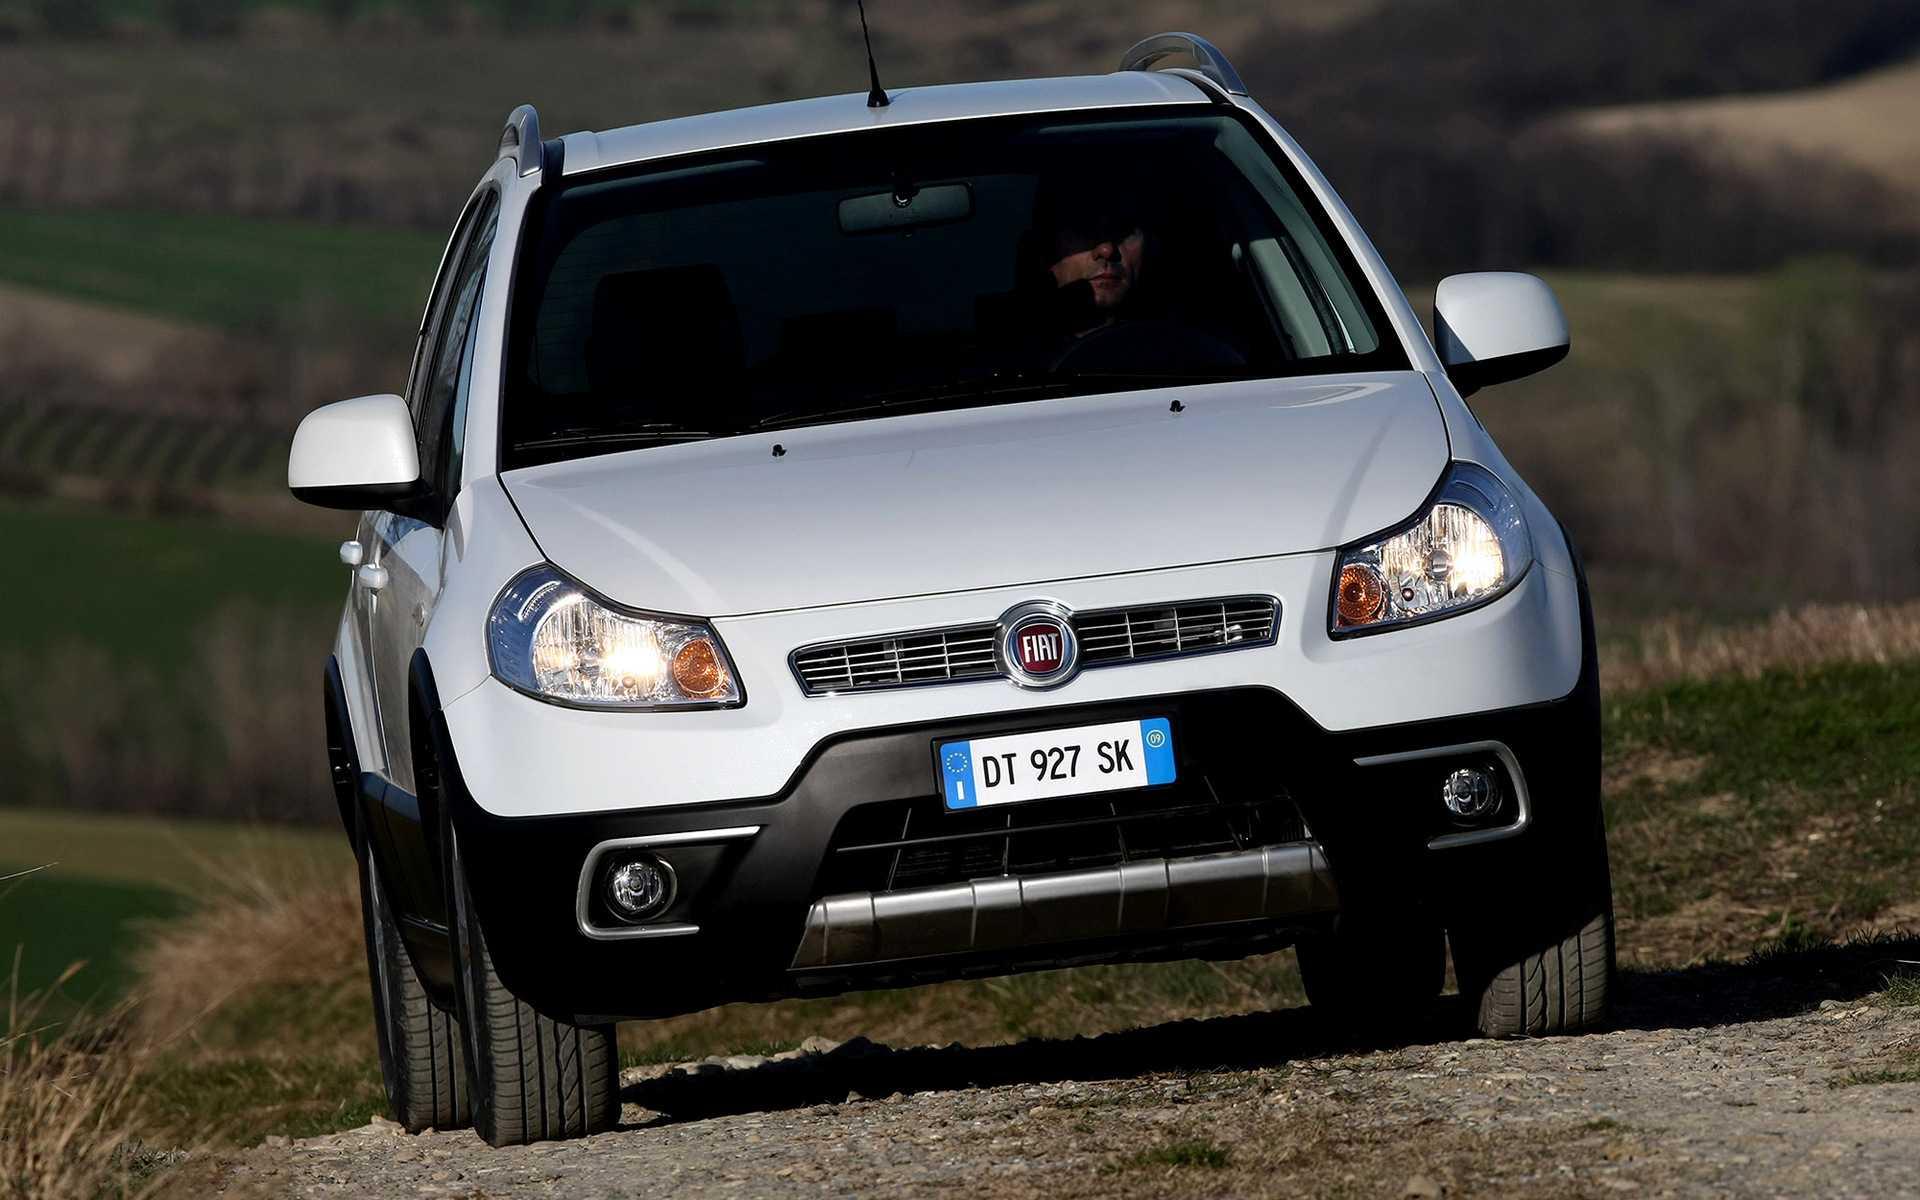 Fiat croma 154 цена, технические характеристики, фото и видео